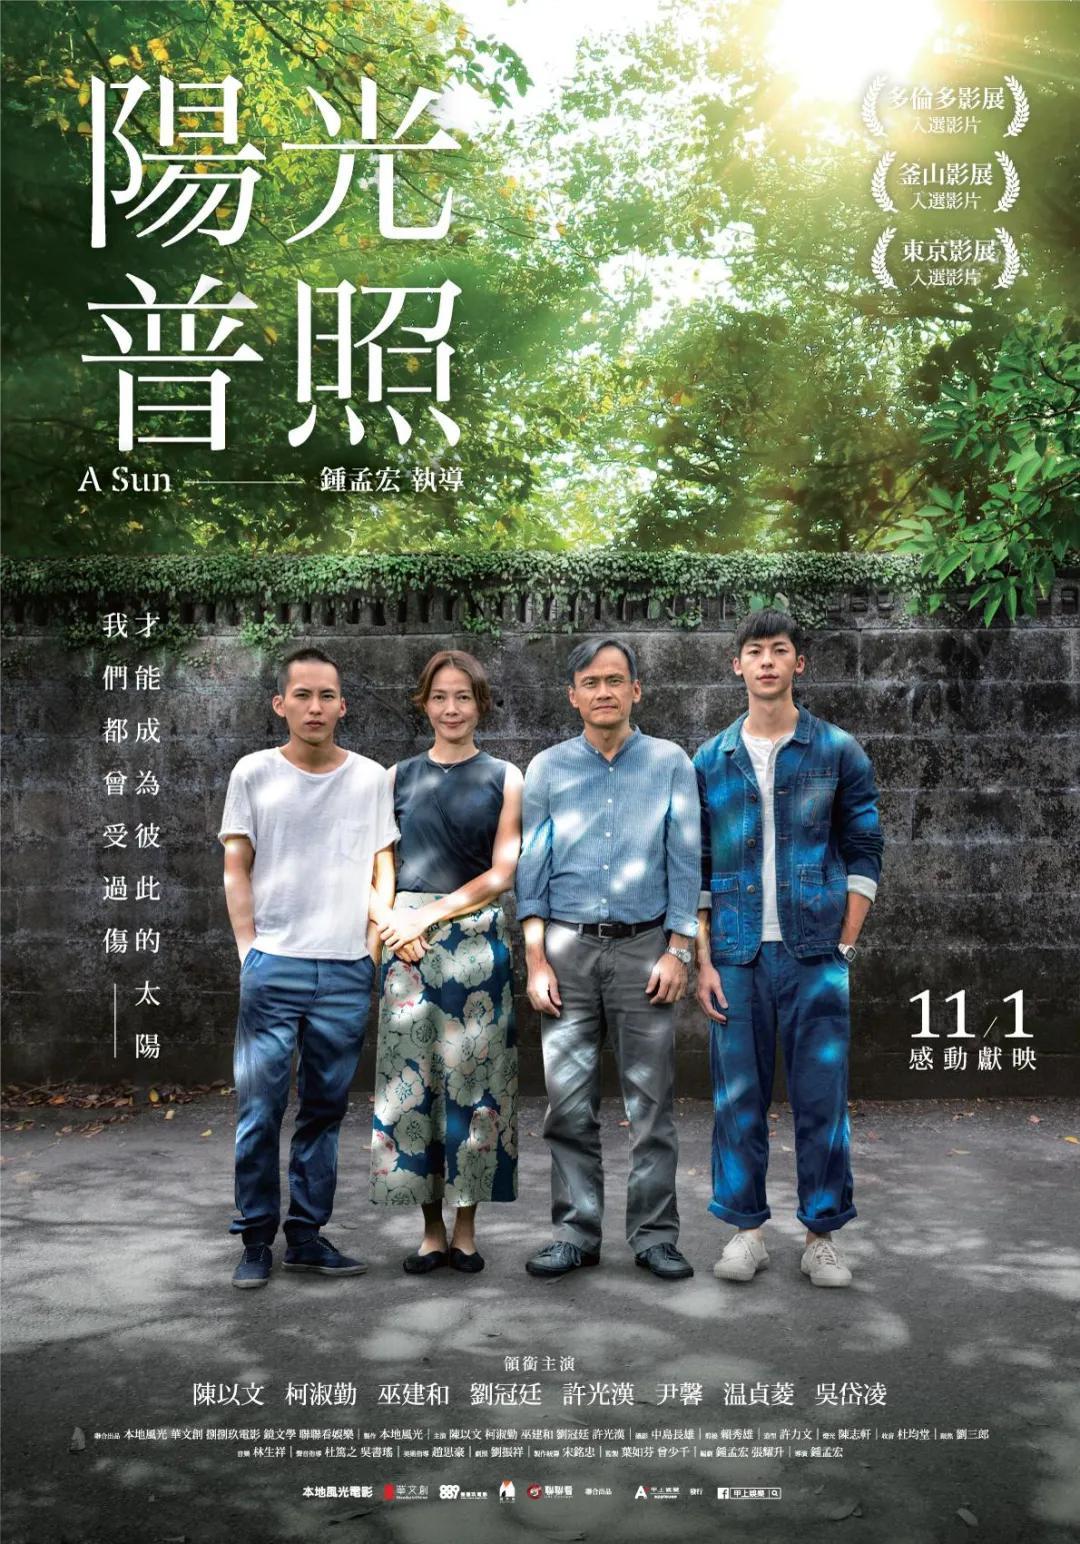 盘点,年度华语电影五佳,华语电视剧十佳。